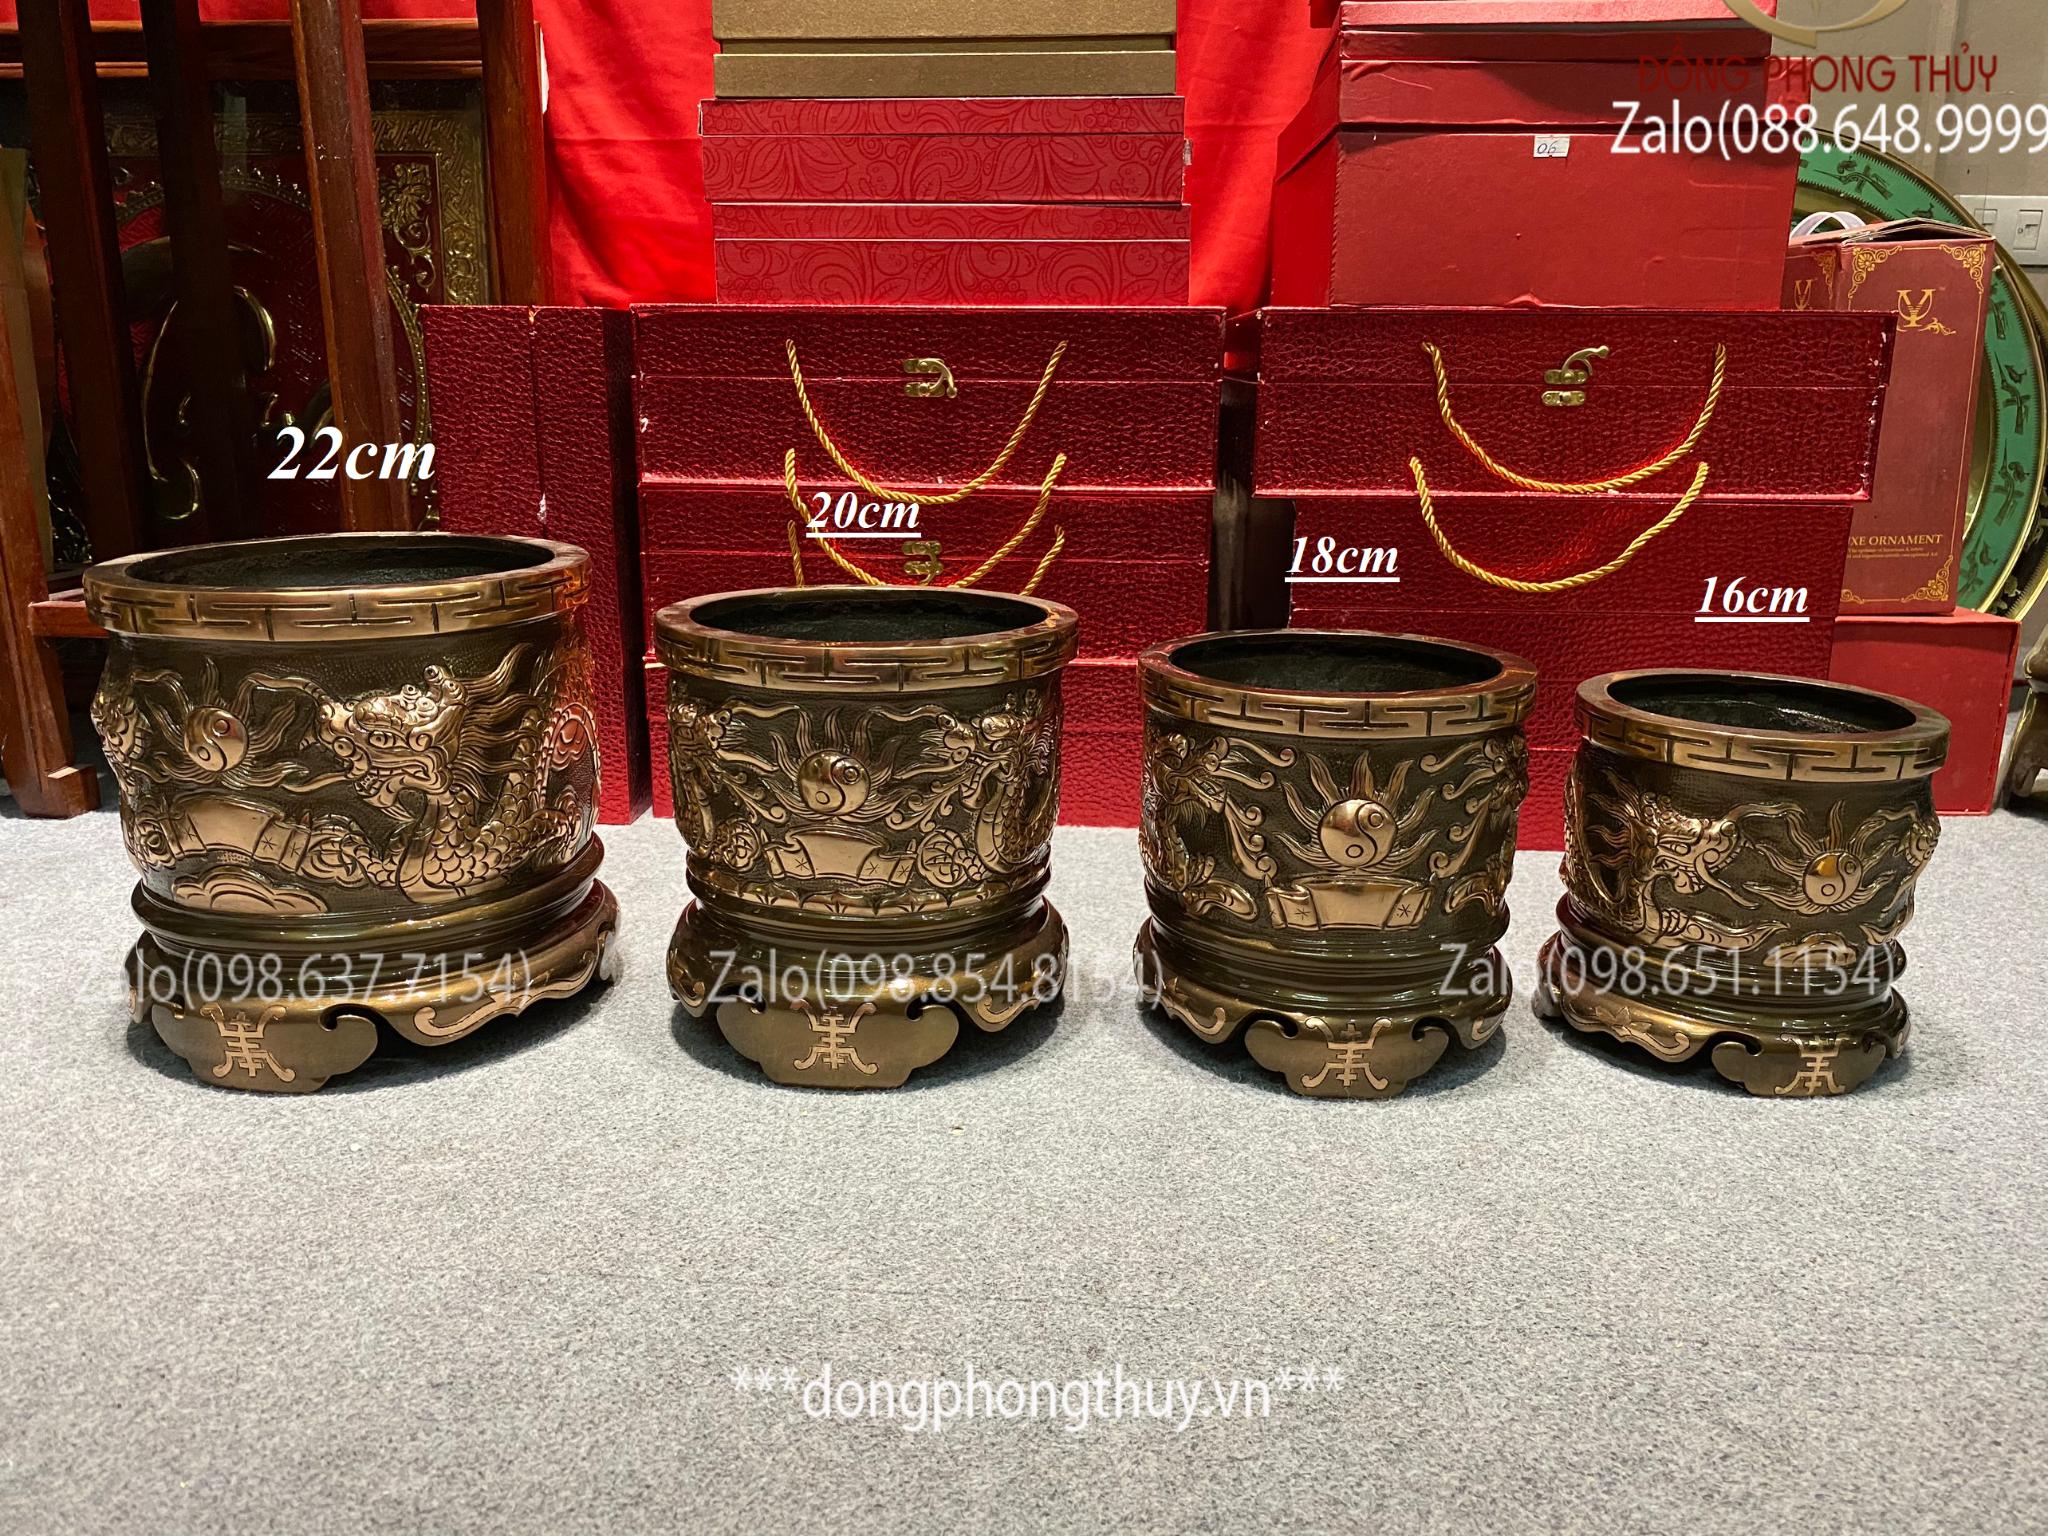 Bát hương đồng đỏ 22cm - Giá bát hương bằng đồng